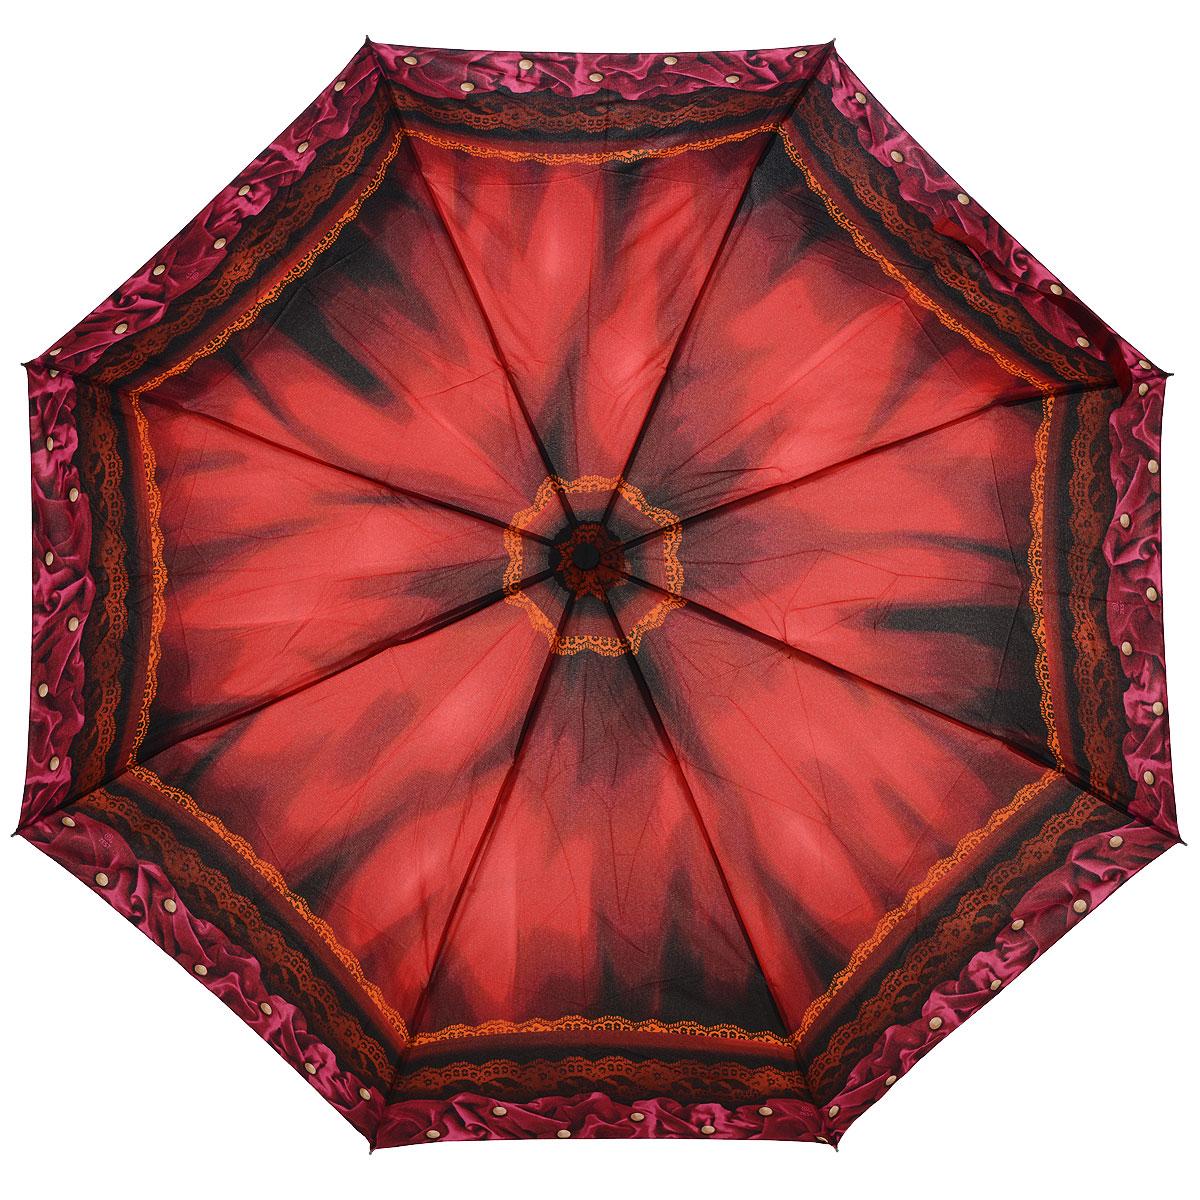 """Зонт женский Airton, автомат, 3 сложения, цвет: бордовый. 39155-2039155-20Автоматический зонт Airton в 3 сложения даже в ненастную погоду позволит вам оставаться стильной и элегантной. Детали каркаса изготовлены из высокопрочных материалов, специальная система """"Windproof"""" защищает его от поломок. Ручка разработана с учетом требований эргономики. Используемые высококачественные красители, а также покрытие """"Teflon"""" обеспечивают длительное сохранение свойств ткани купола зонта. Зонт имеет полный автоматический механизм сложения: купол открывается и закрывается нажатием кнопки на рукоятке, стержень складывается вручную до характерного щелчка. На рукоятке для удобства есть небольшой шнурок, позволяющий надеть зонт на руку тогда, когда это будет необходимо. К зонту прилагается чехол."""